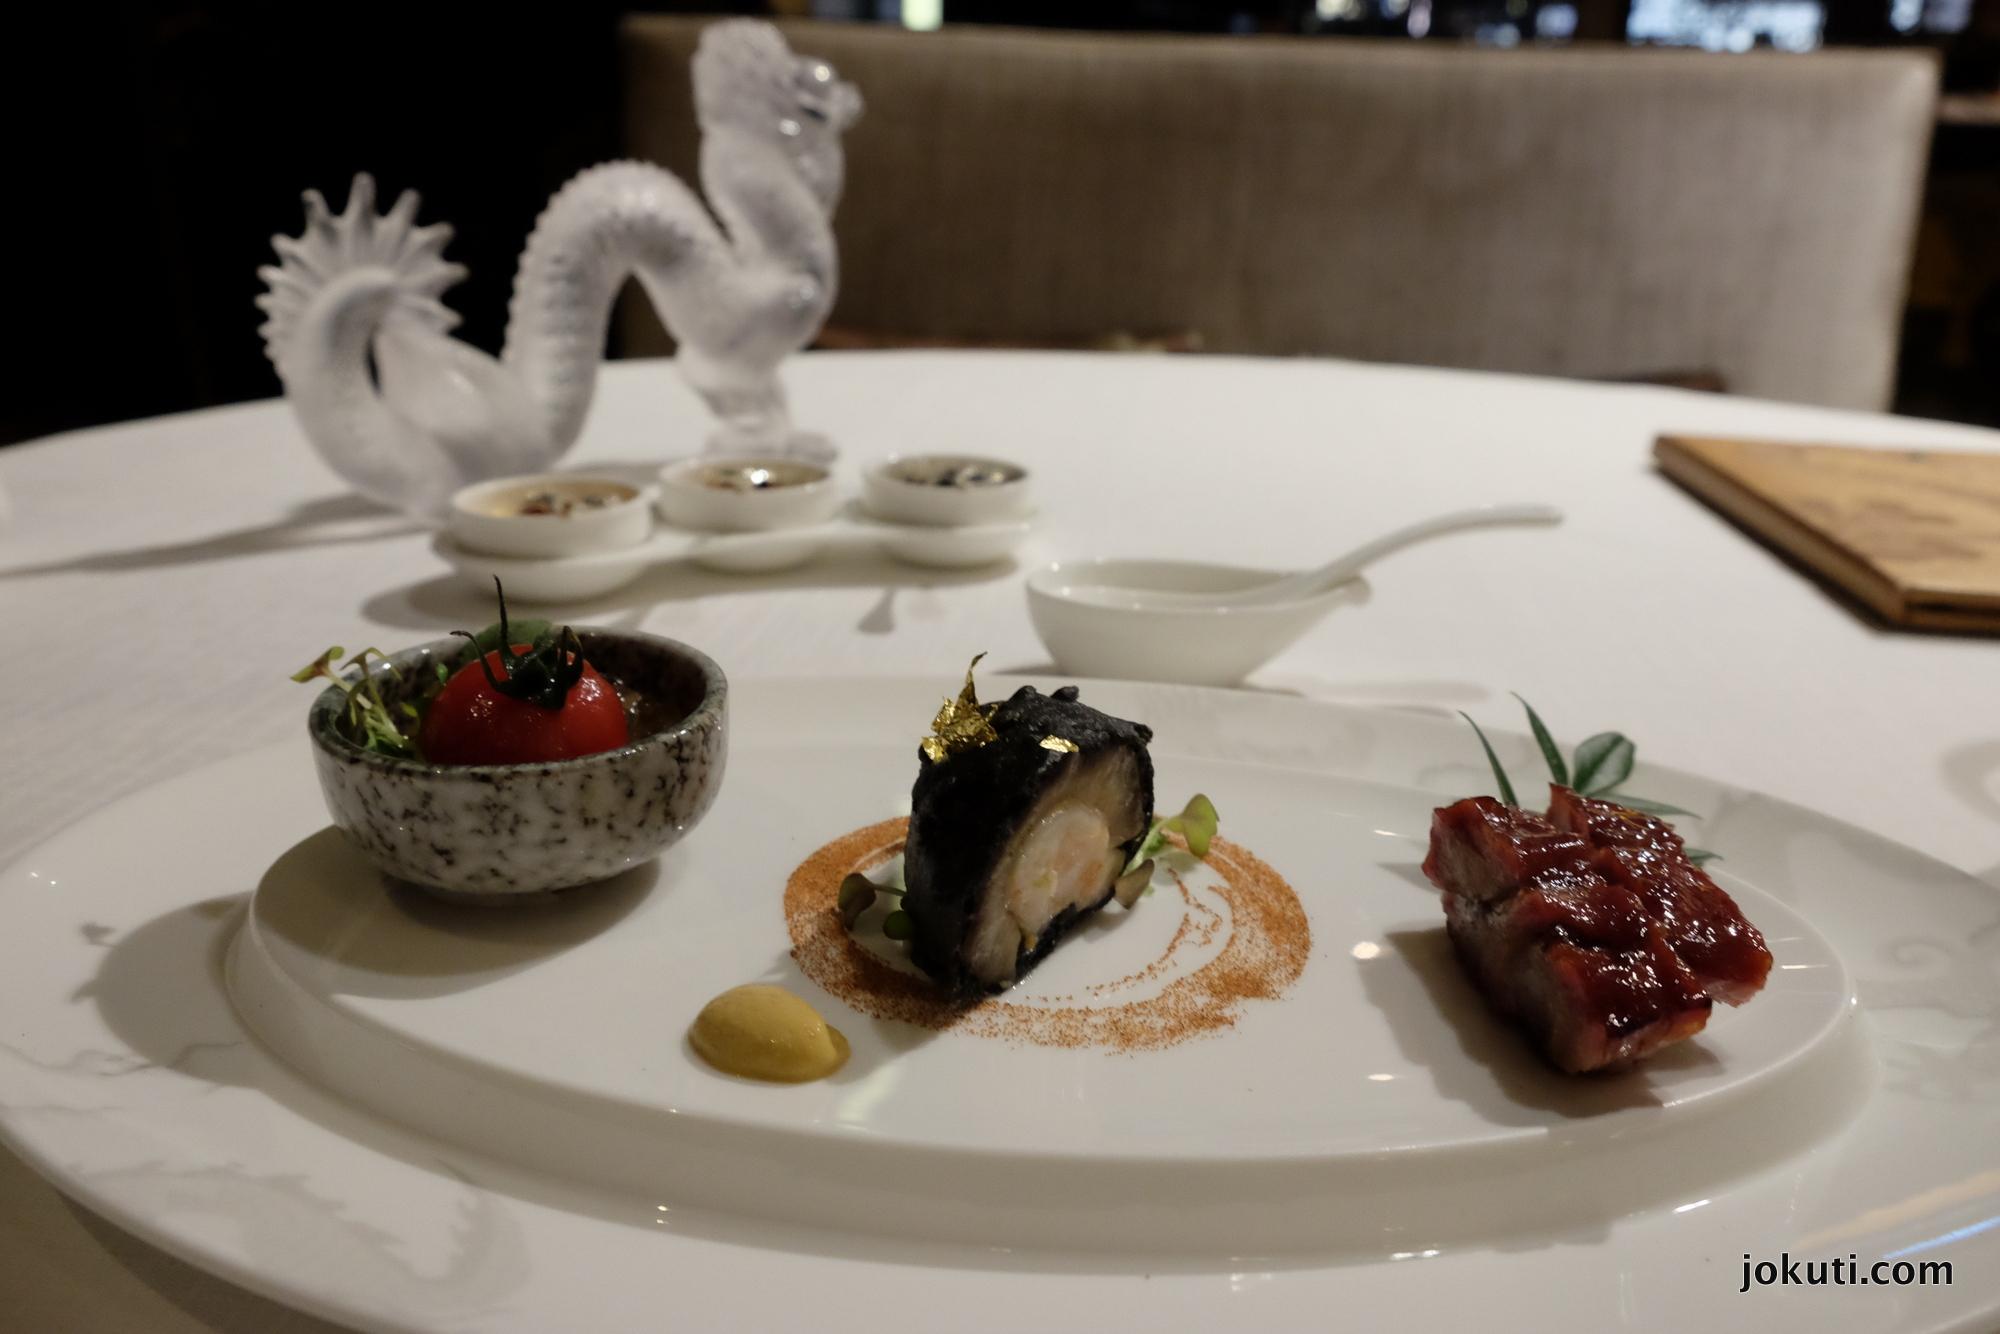 dscf6833_jade_dragon_restaurant_cantonese_chinese_michelin_macau_makao_china_kinai_vilagevo_jokuti.jpg